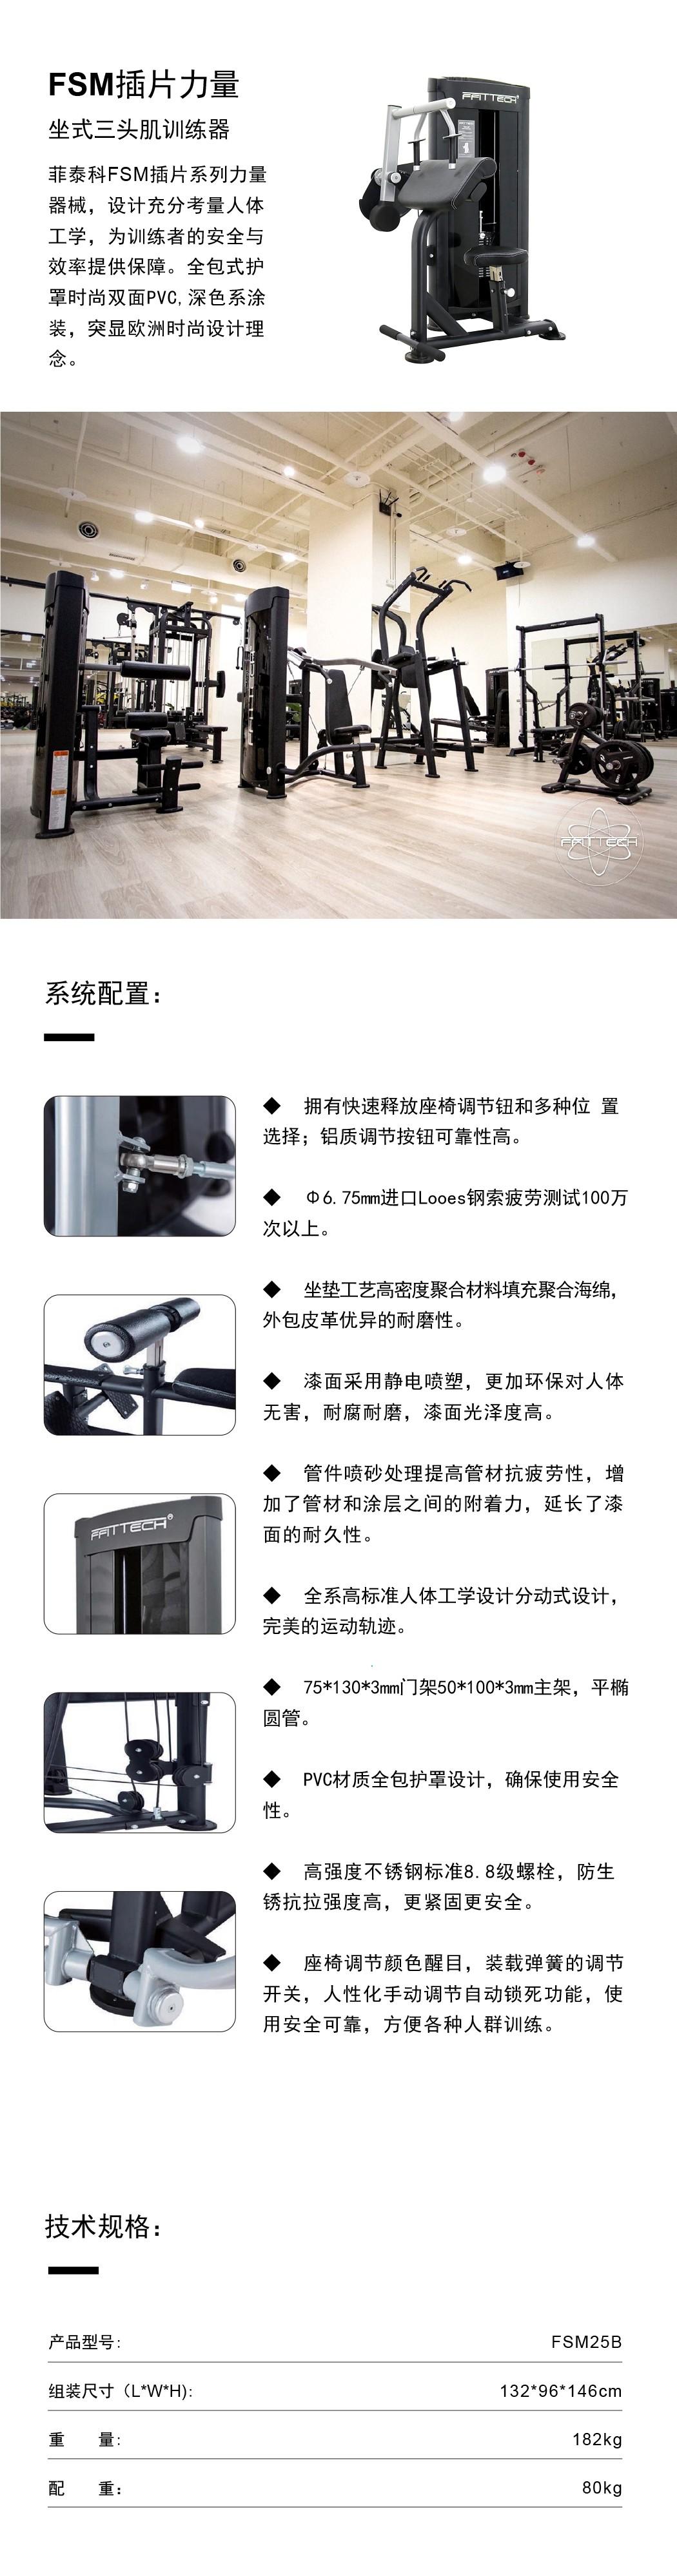 单功能-坐式三头肌训练器.jpg